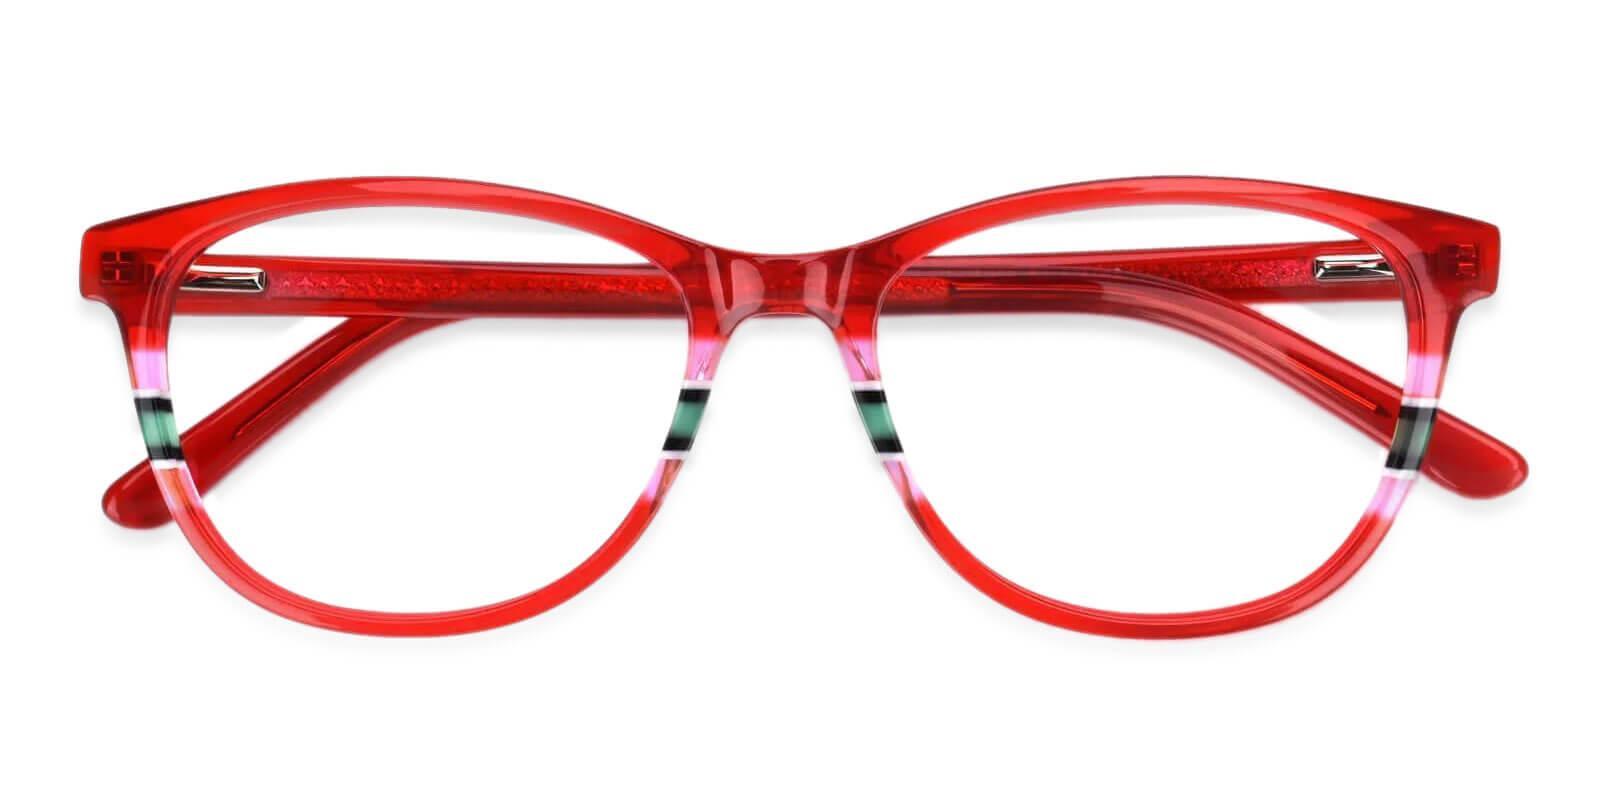 Vltava Red Acetate Eyeglasses , UniversalBridgeFit Frames from ABBE Glasses